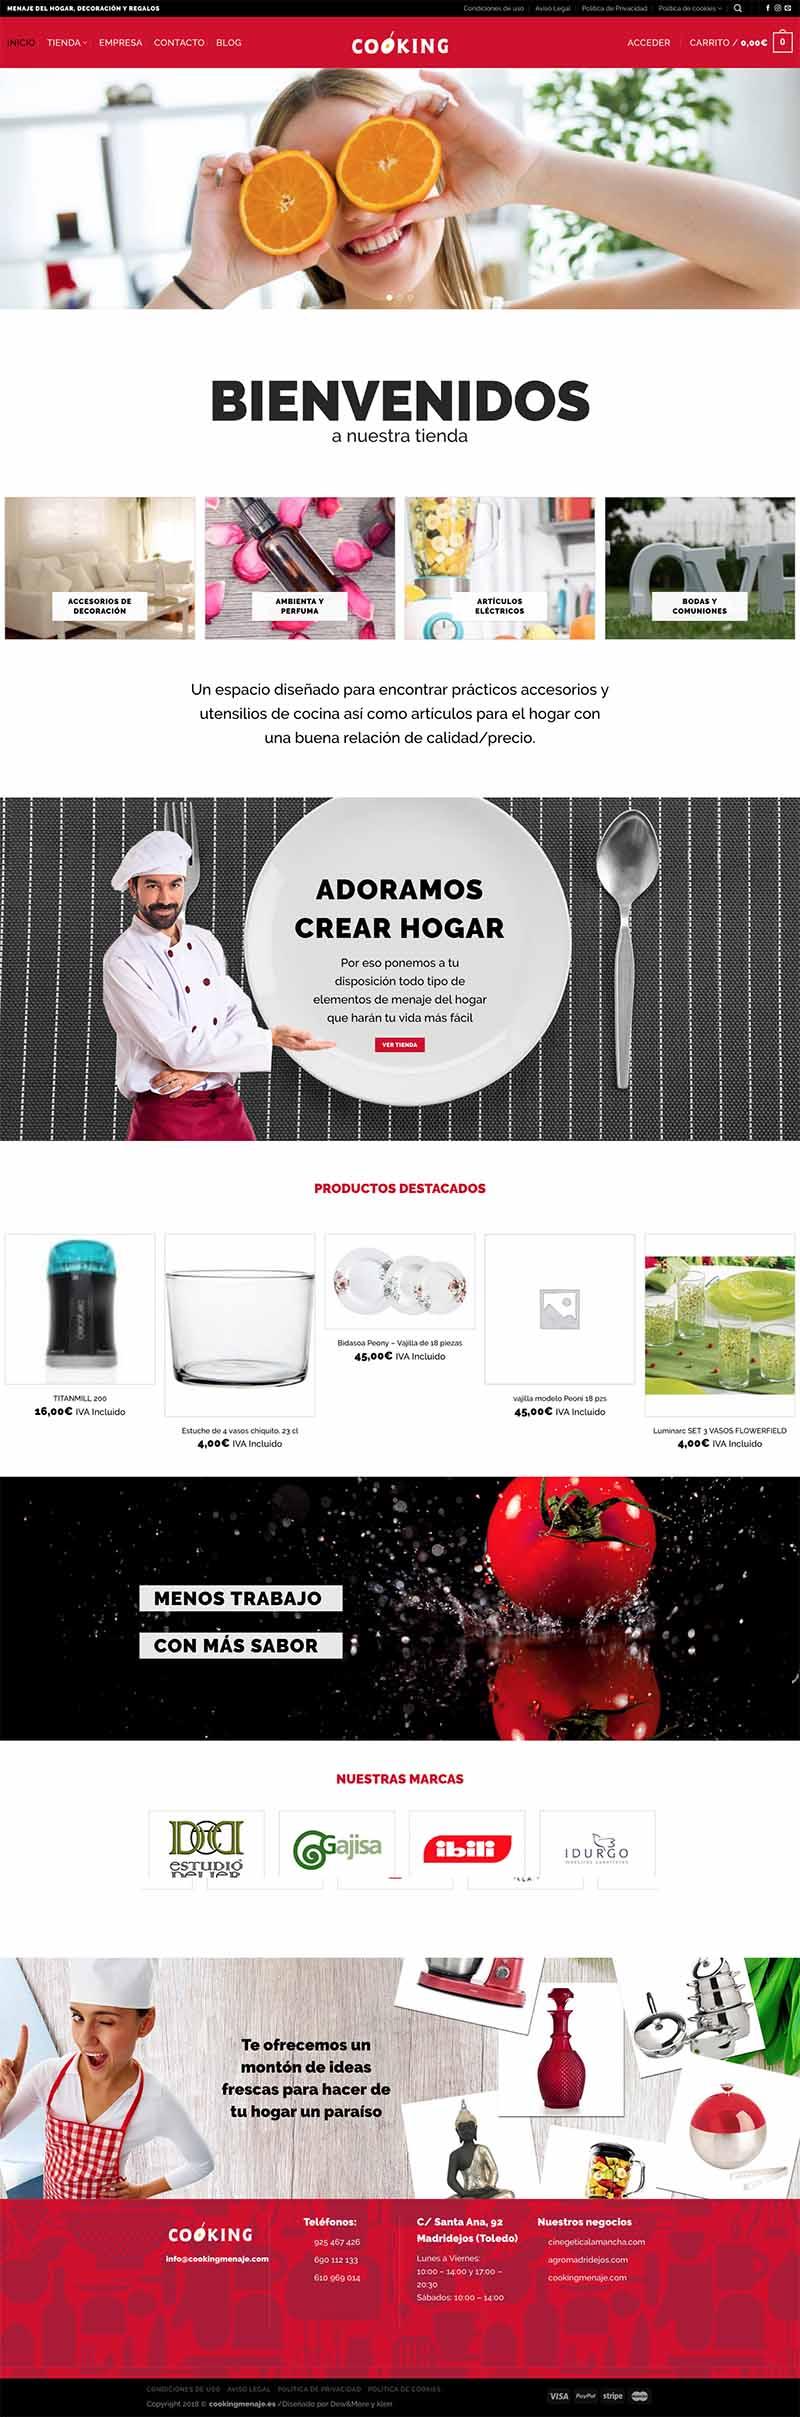 Diseño web comercio electrónico cooking